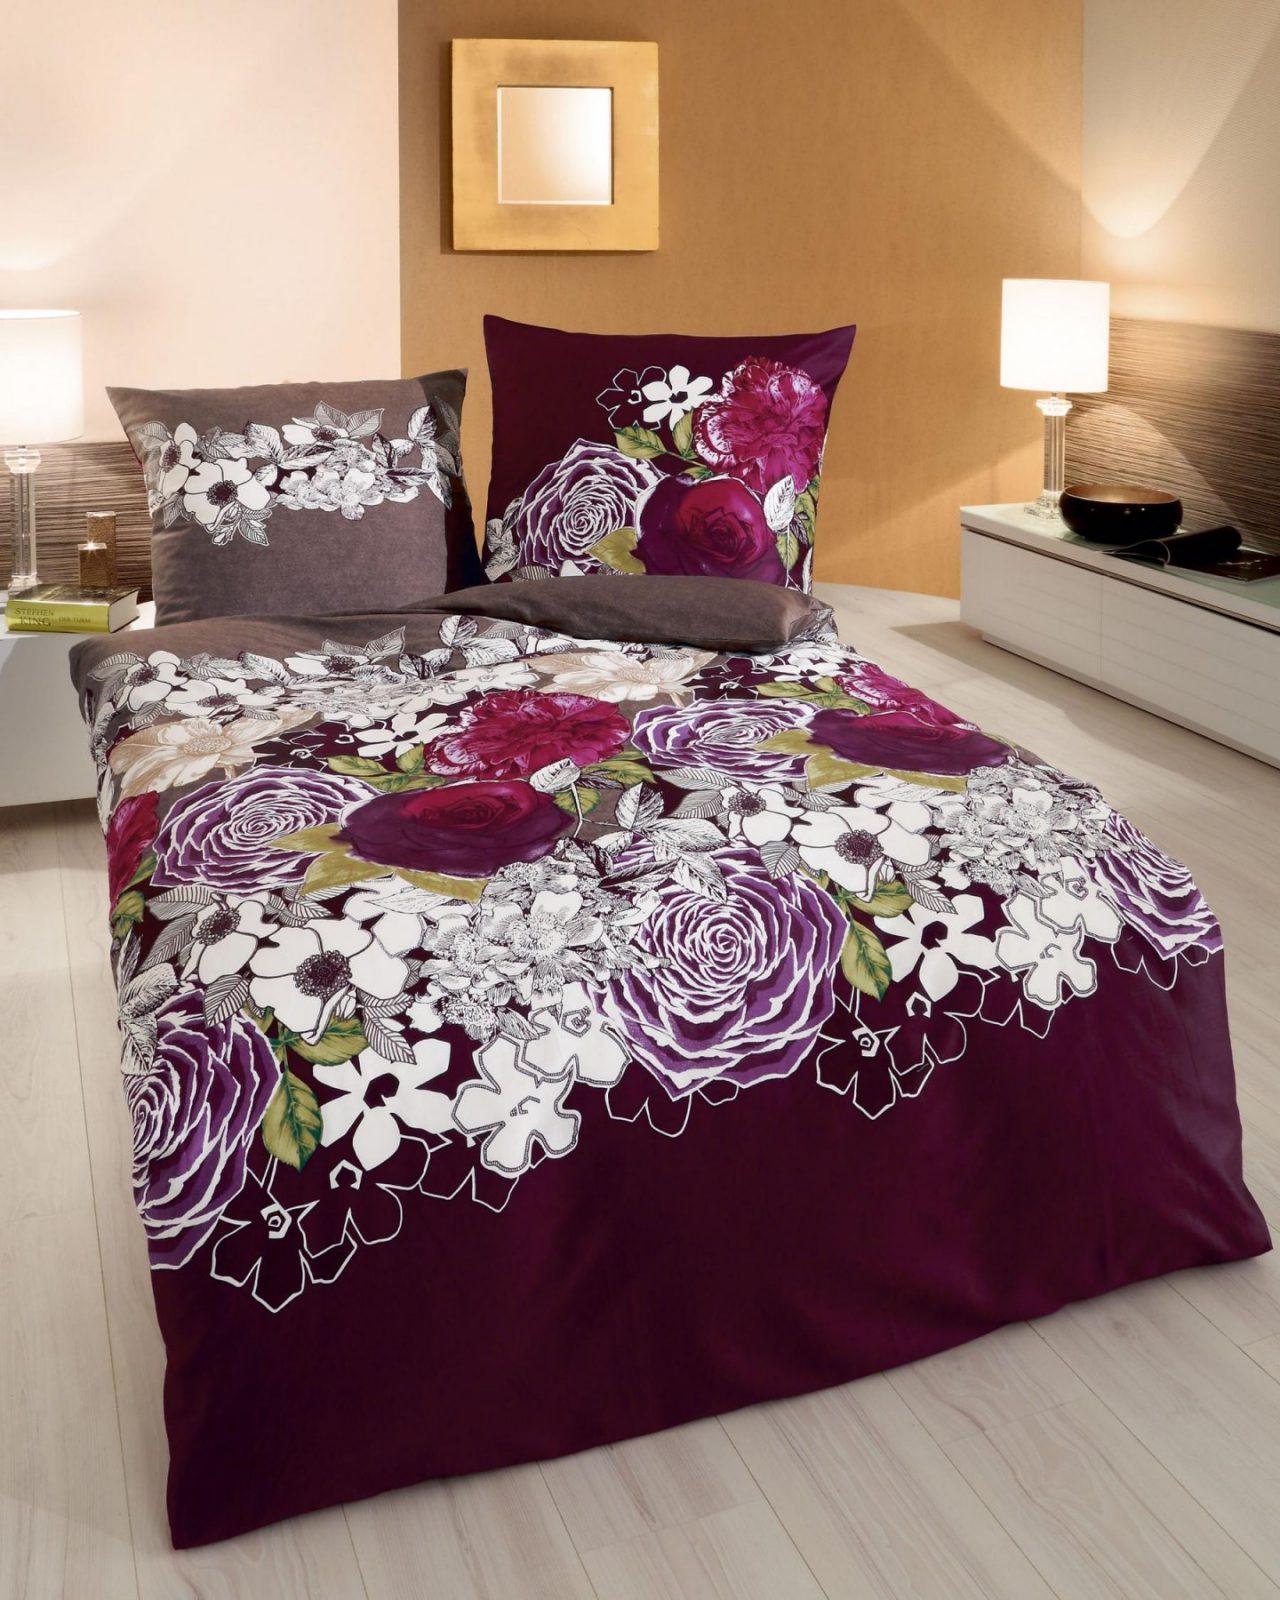 Bettwäsche 155X220 Cm Makosatin Blumenmotiv 419 Von Kaeppel von Mako Satin Bettwäsche 155X220 Photo